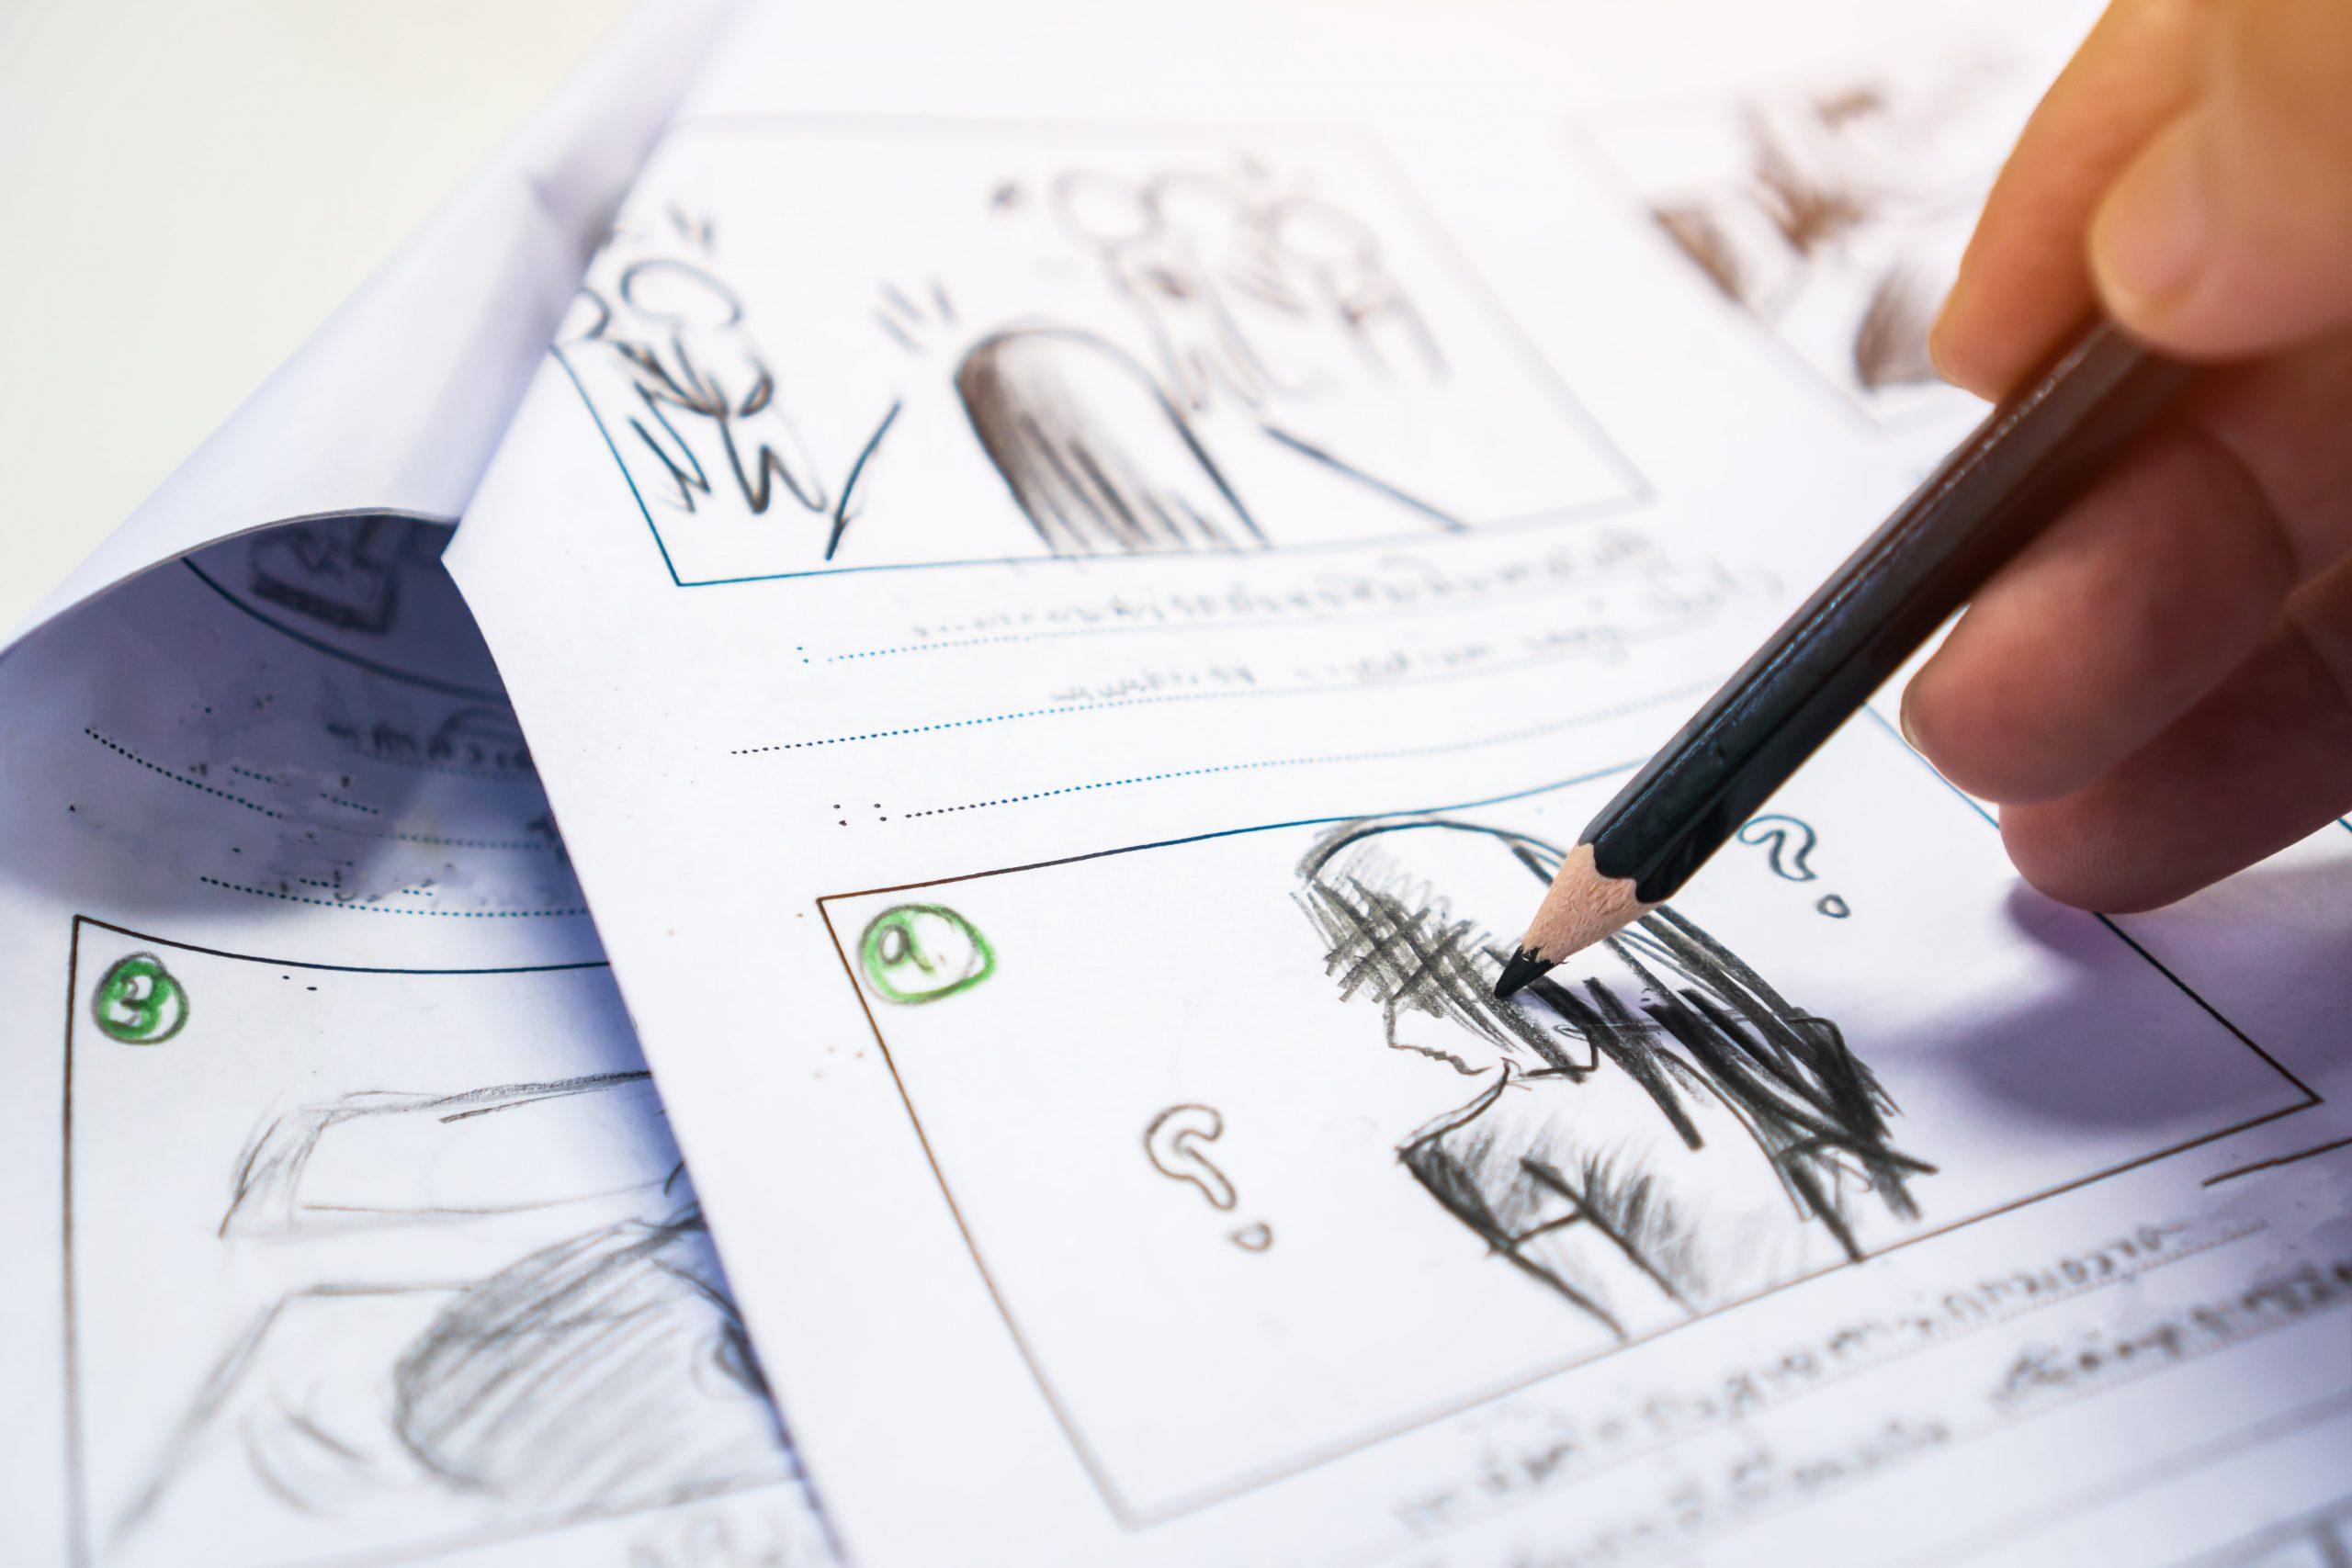 La importancia del Diseño Gráfico en la empresa